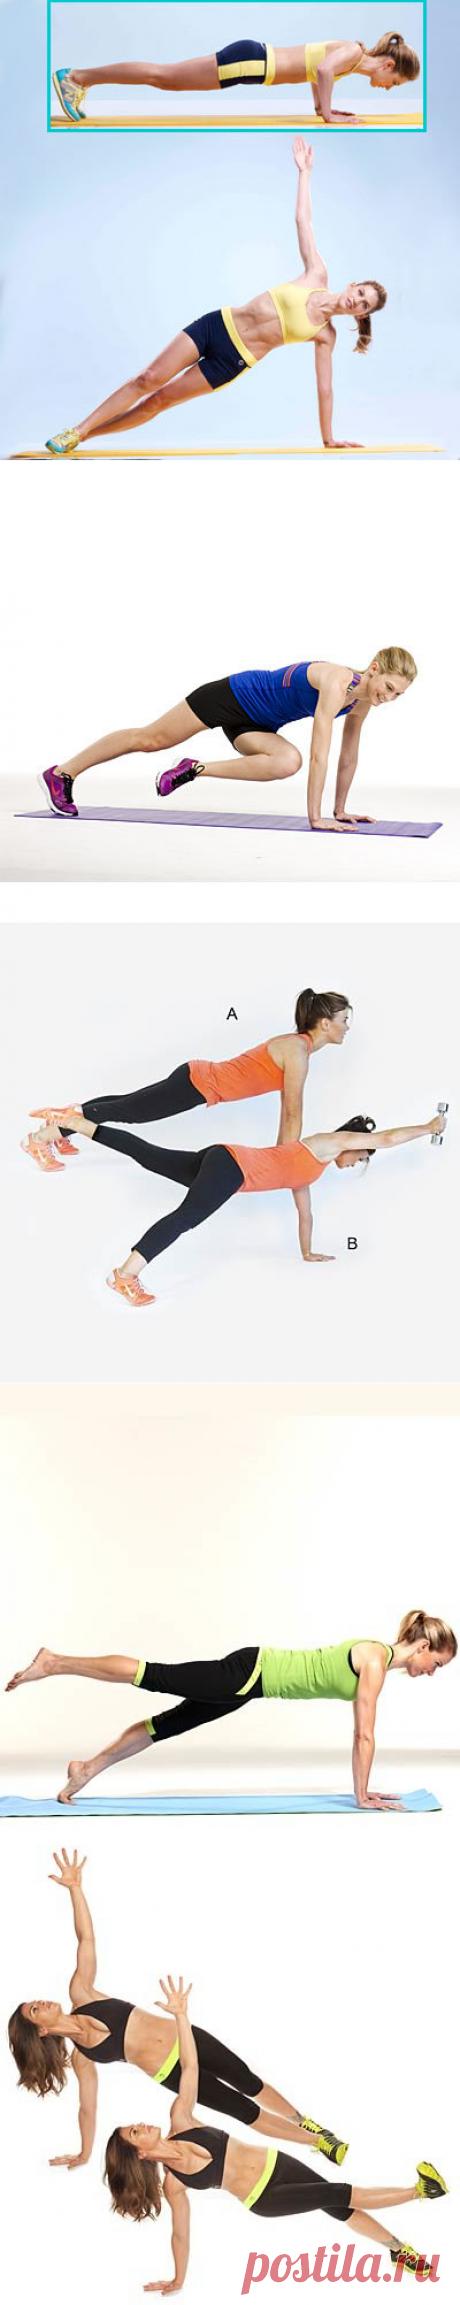 Упражнение планка: фото и описание 30 лучших вариантов - Ladiesvenue.ru